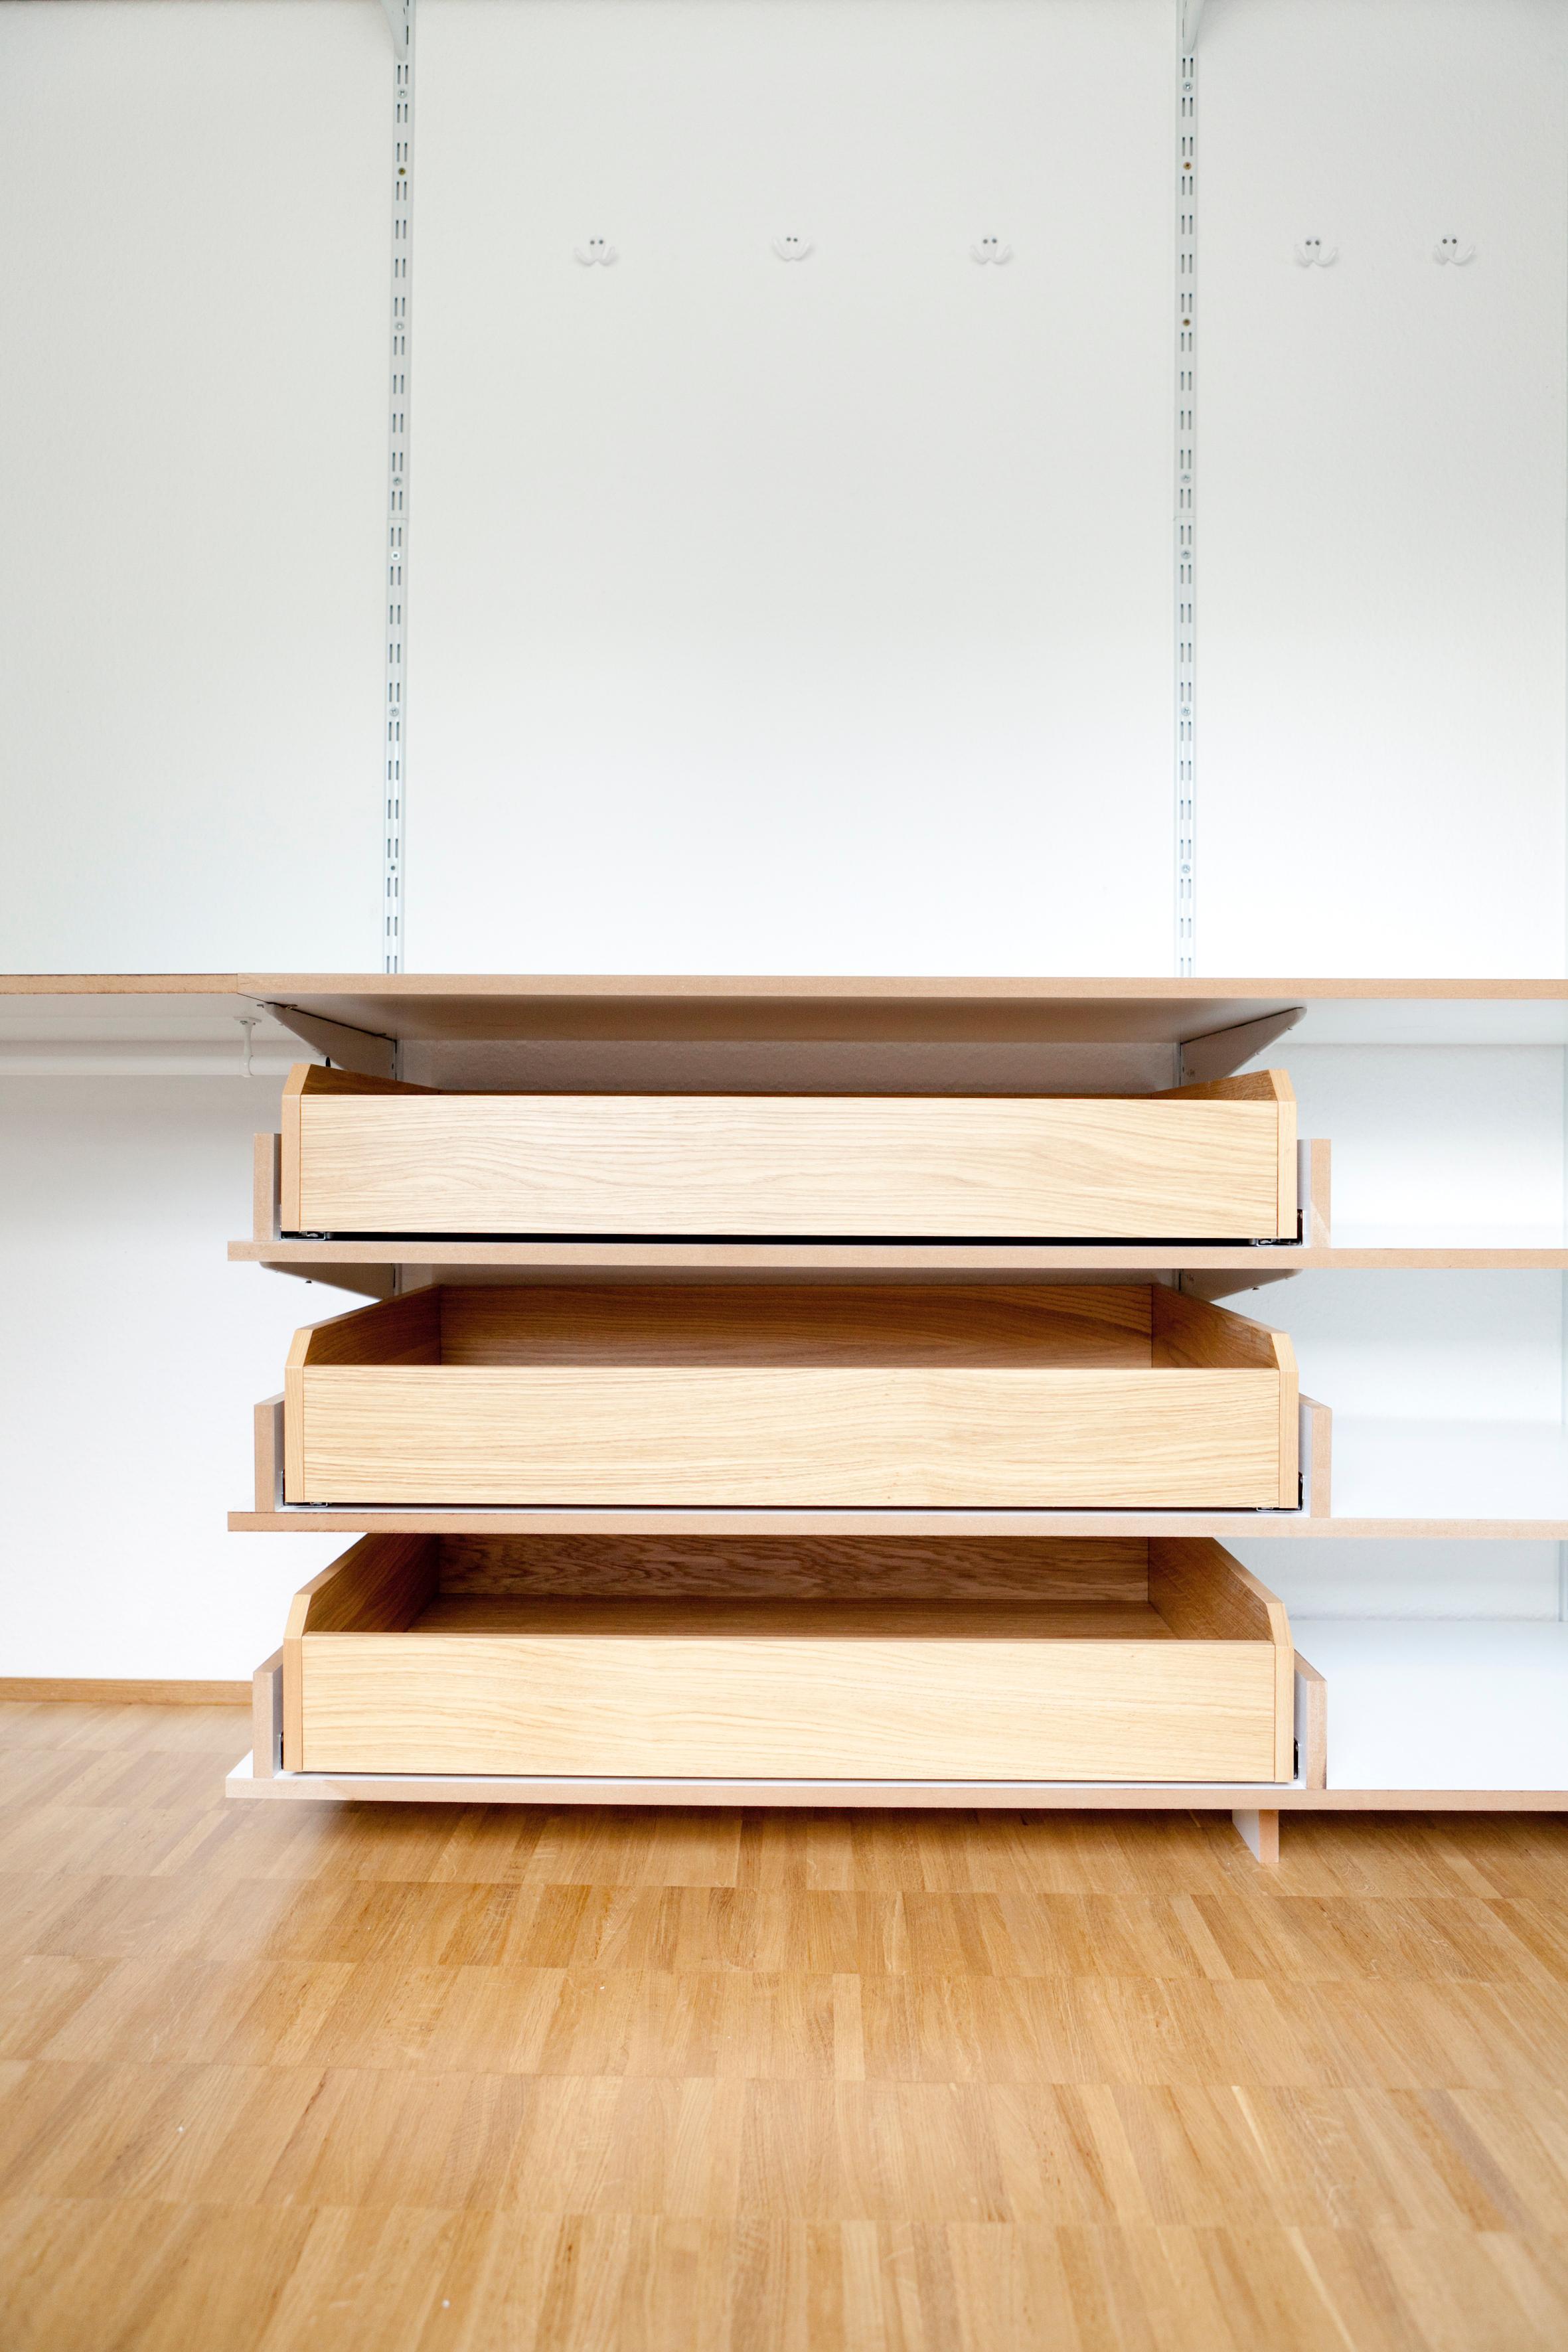 Idee Kleiderablage Schlafzimmer Caseconrad Com